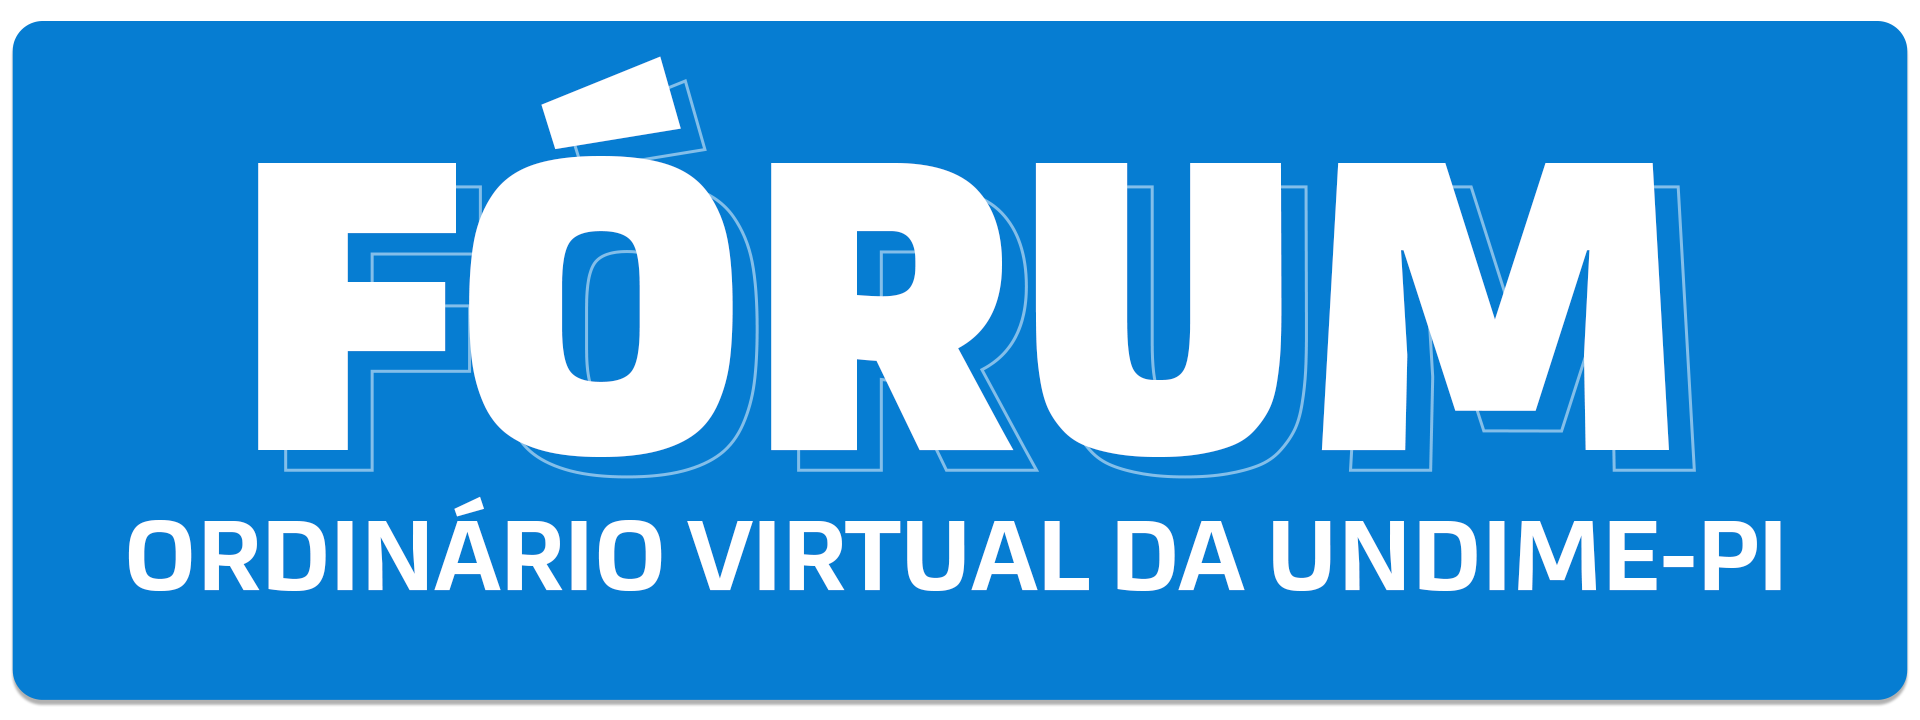 Fórum Ordinário Virtual da Undime-PI inicia nesta terça-feira (1º)